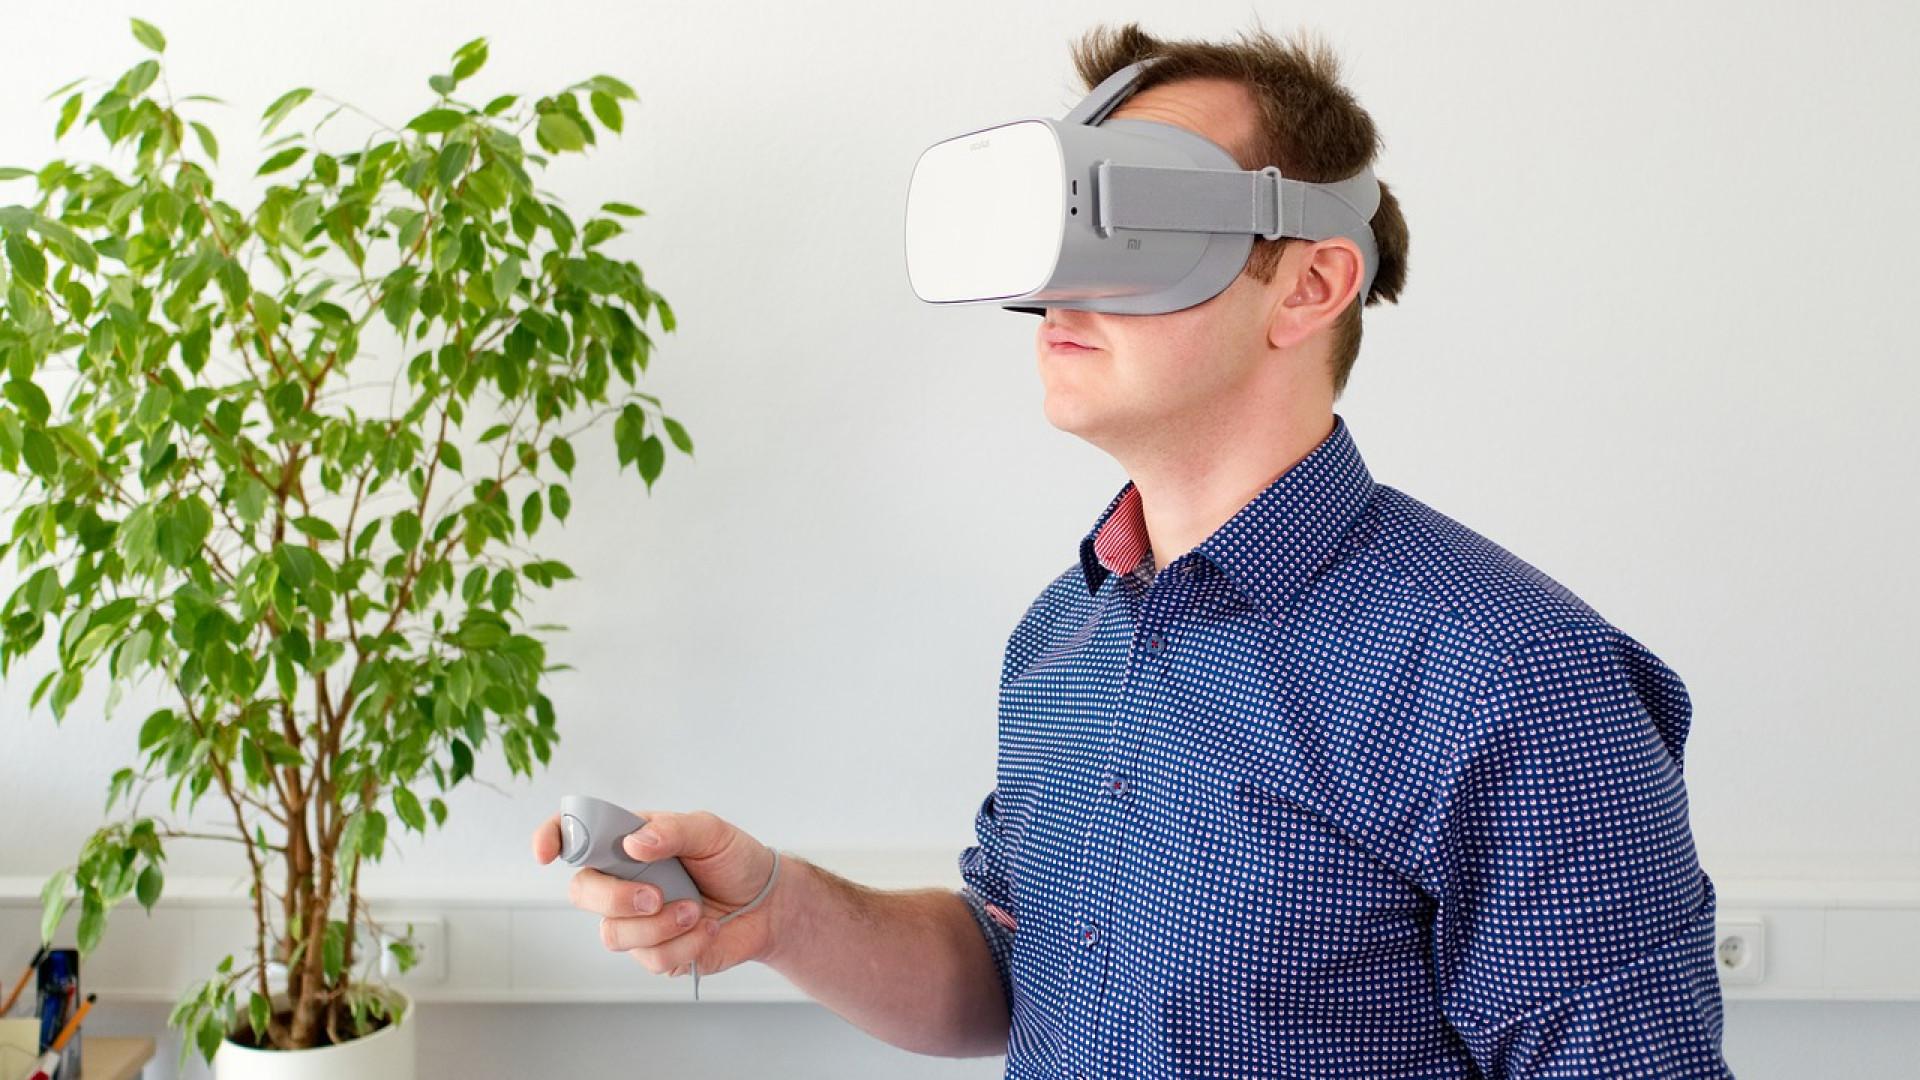 Spécialistes de l'immobilier : et si vous pensiez à la réalité virtuelle ?